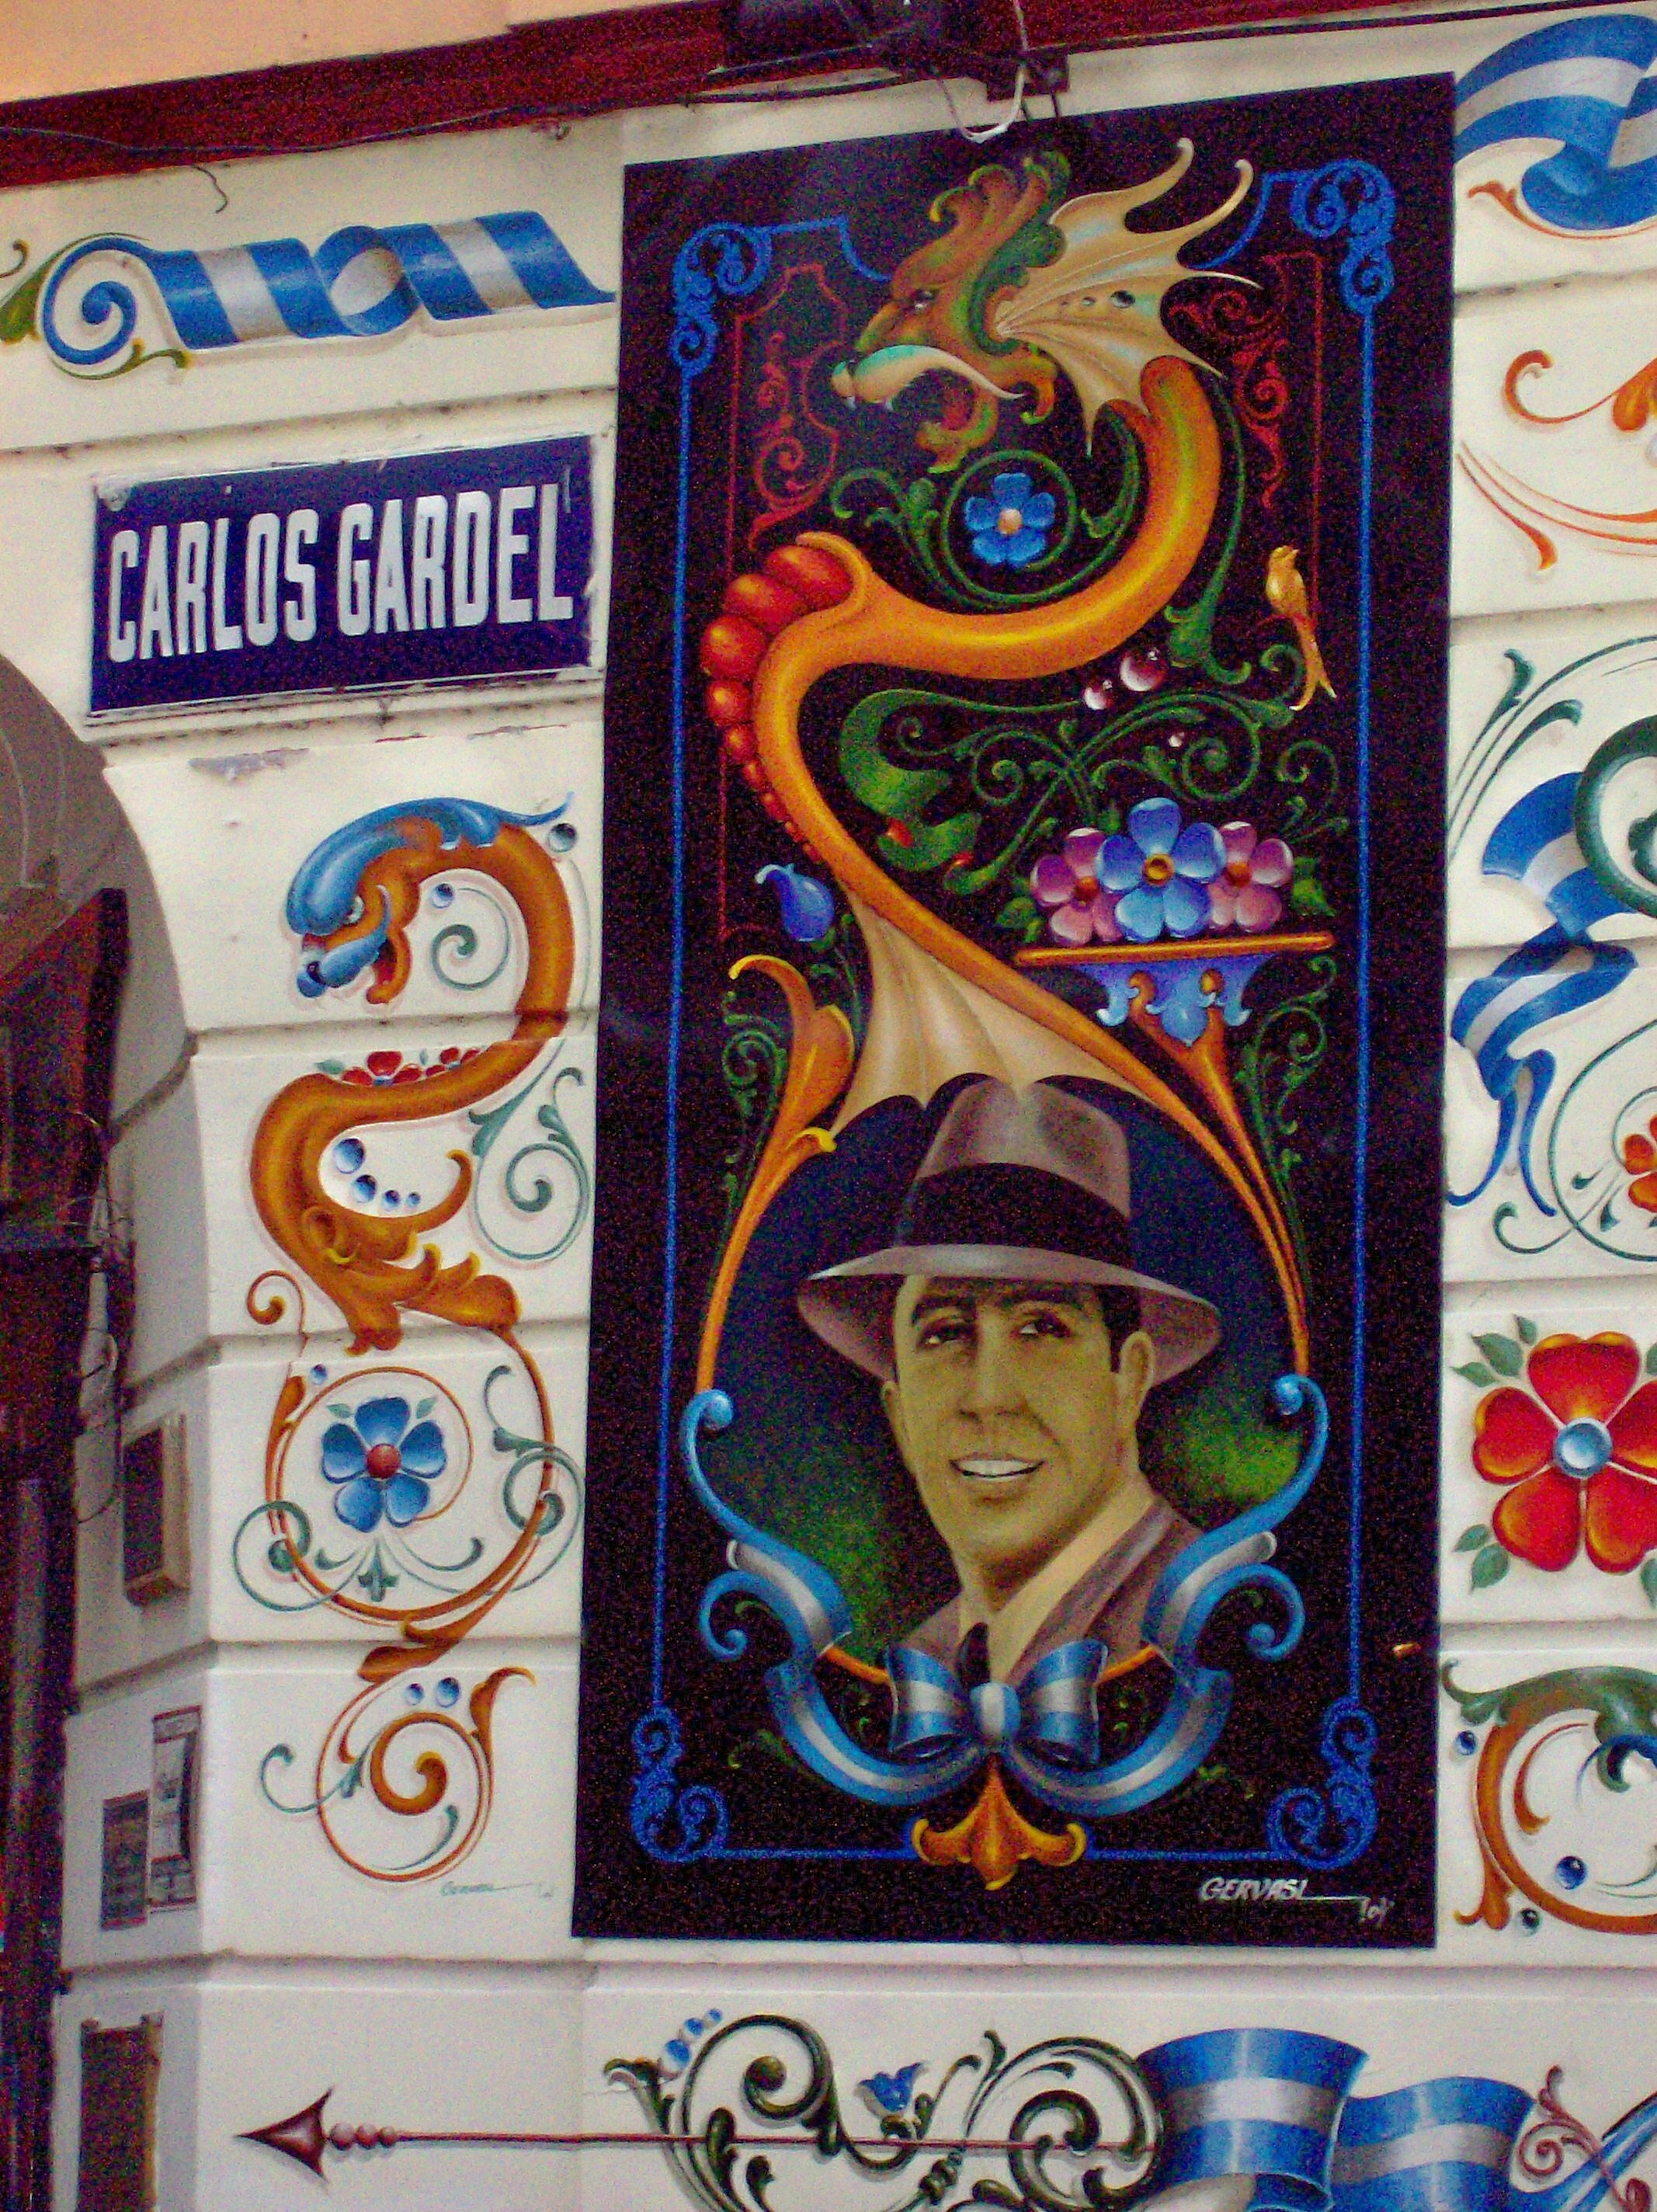 Pasaje Carlos Gardel, en el barrio del Abasto (Buenos Aires). Se trata de un sector de la antigua calle Guardia Vieja, en el que, en 1911, se encontraron por primera vez Carlos Gardel y José Razzano.